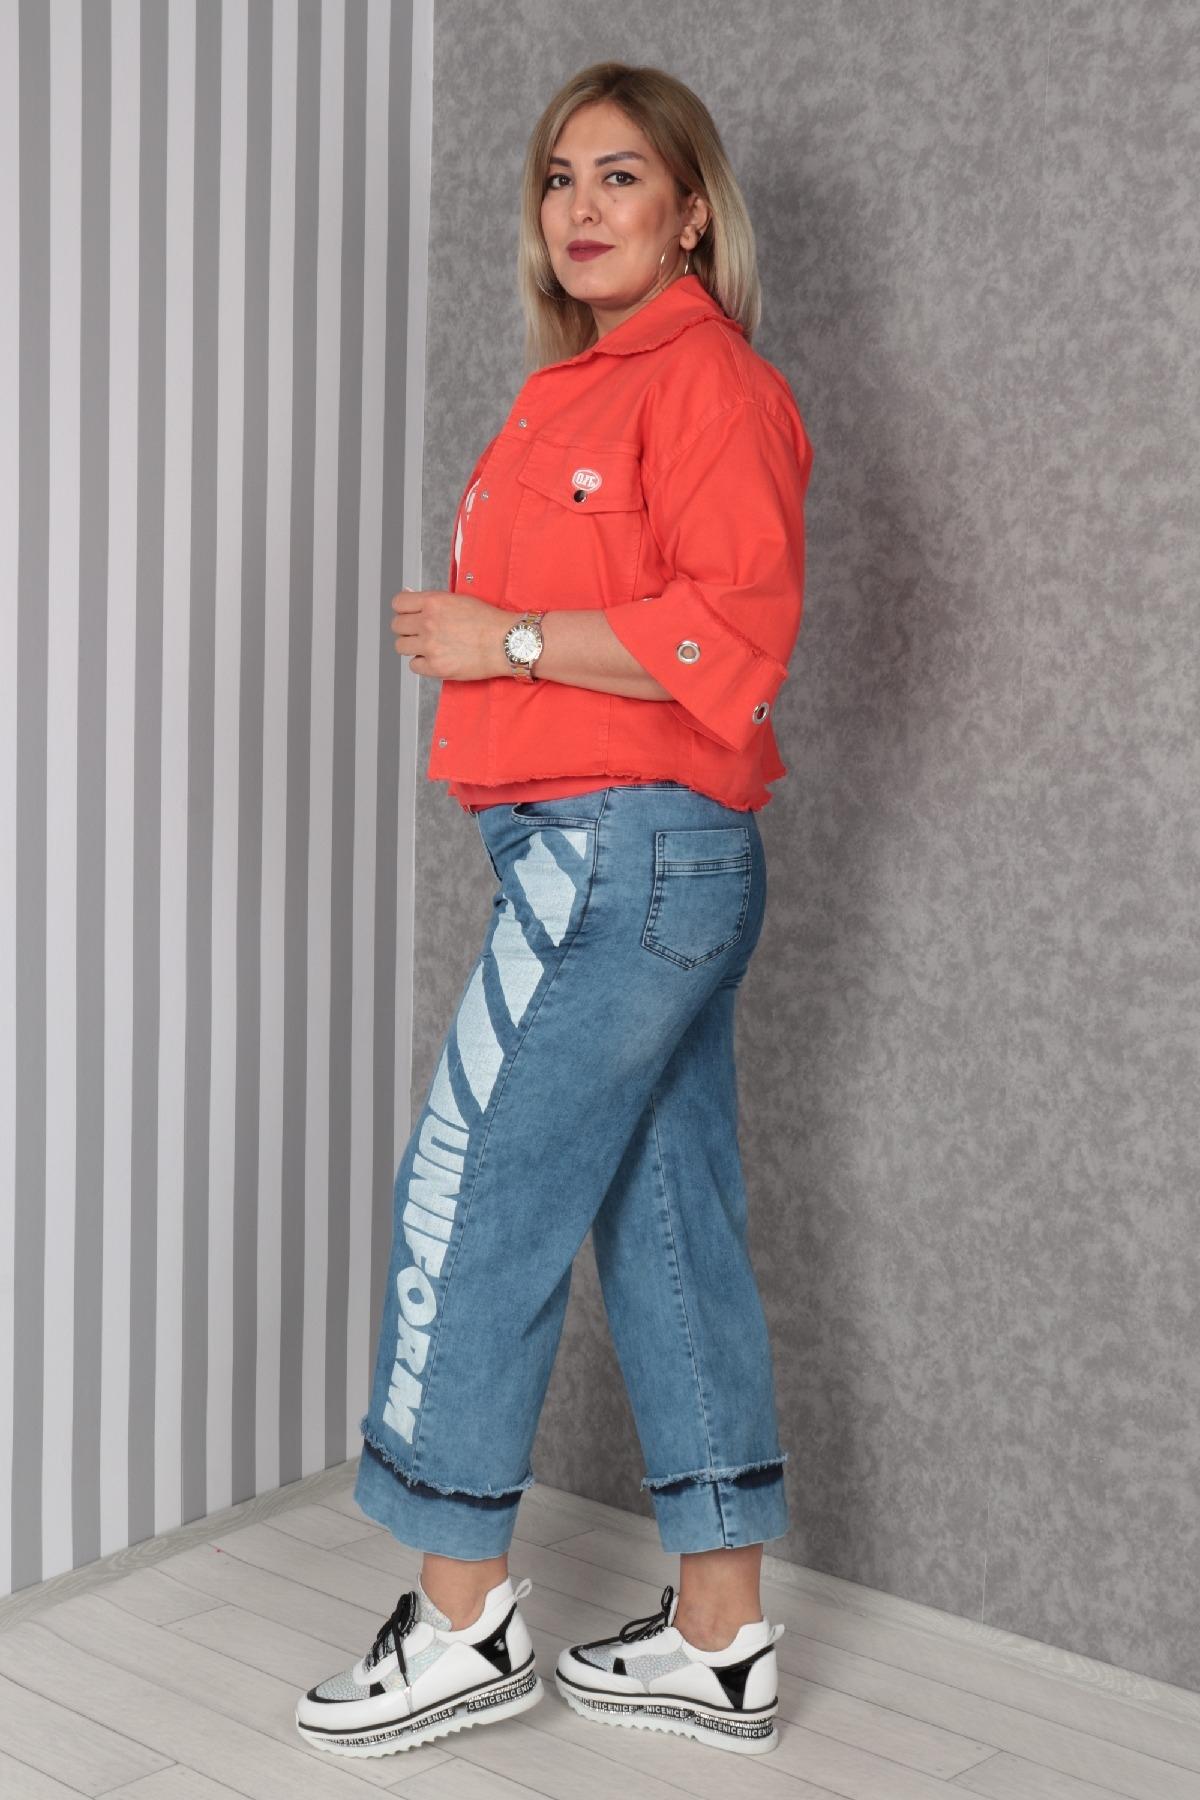 Women's 3 Piece Suits-Coral